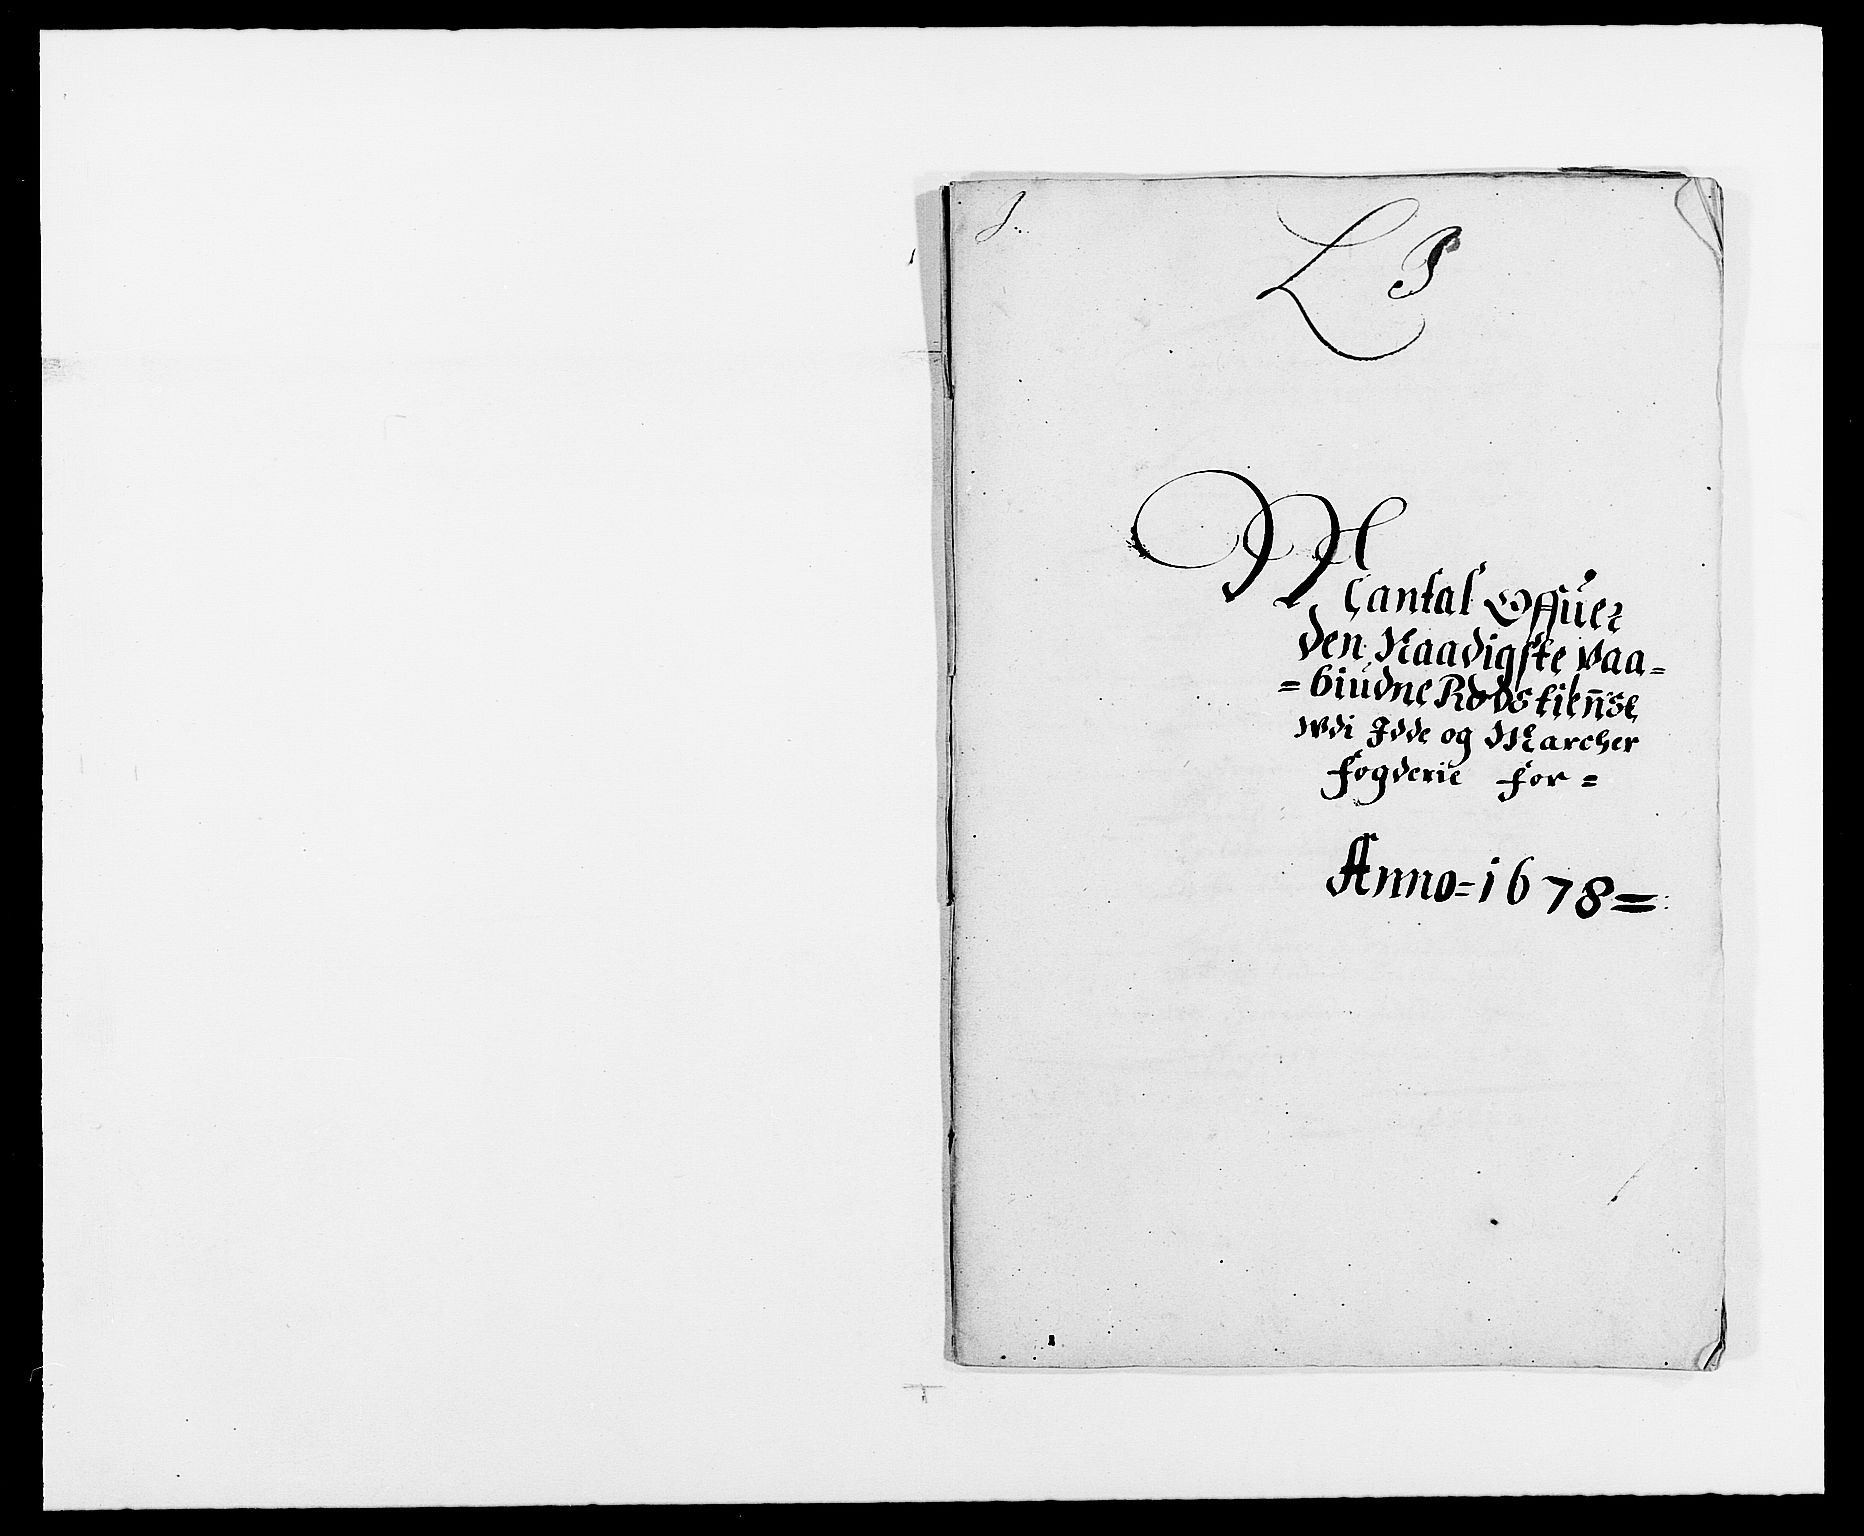 RA, Rentekammeret inntil 1814, Reviderte regnskaper, Fogderegnskap, R01/L0001: Fogderegnskap Idd og Marker, 1678-1679, p. 231